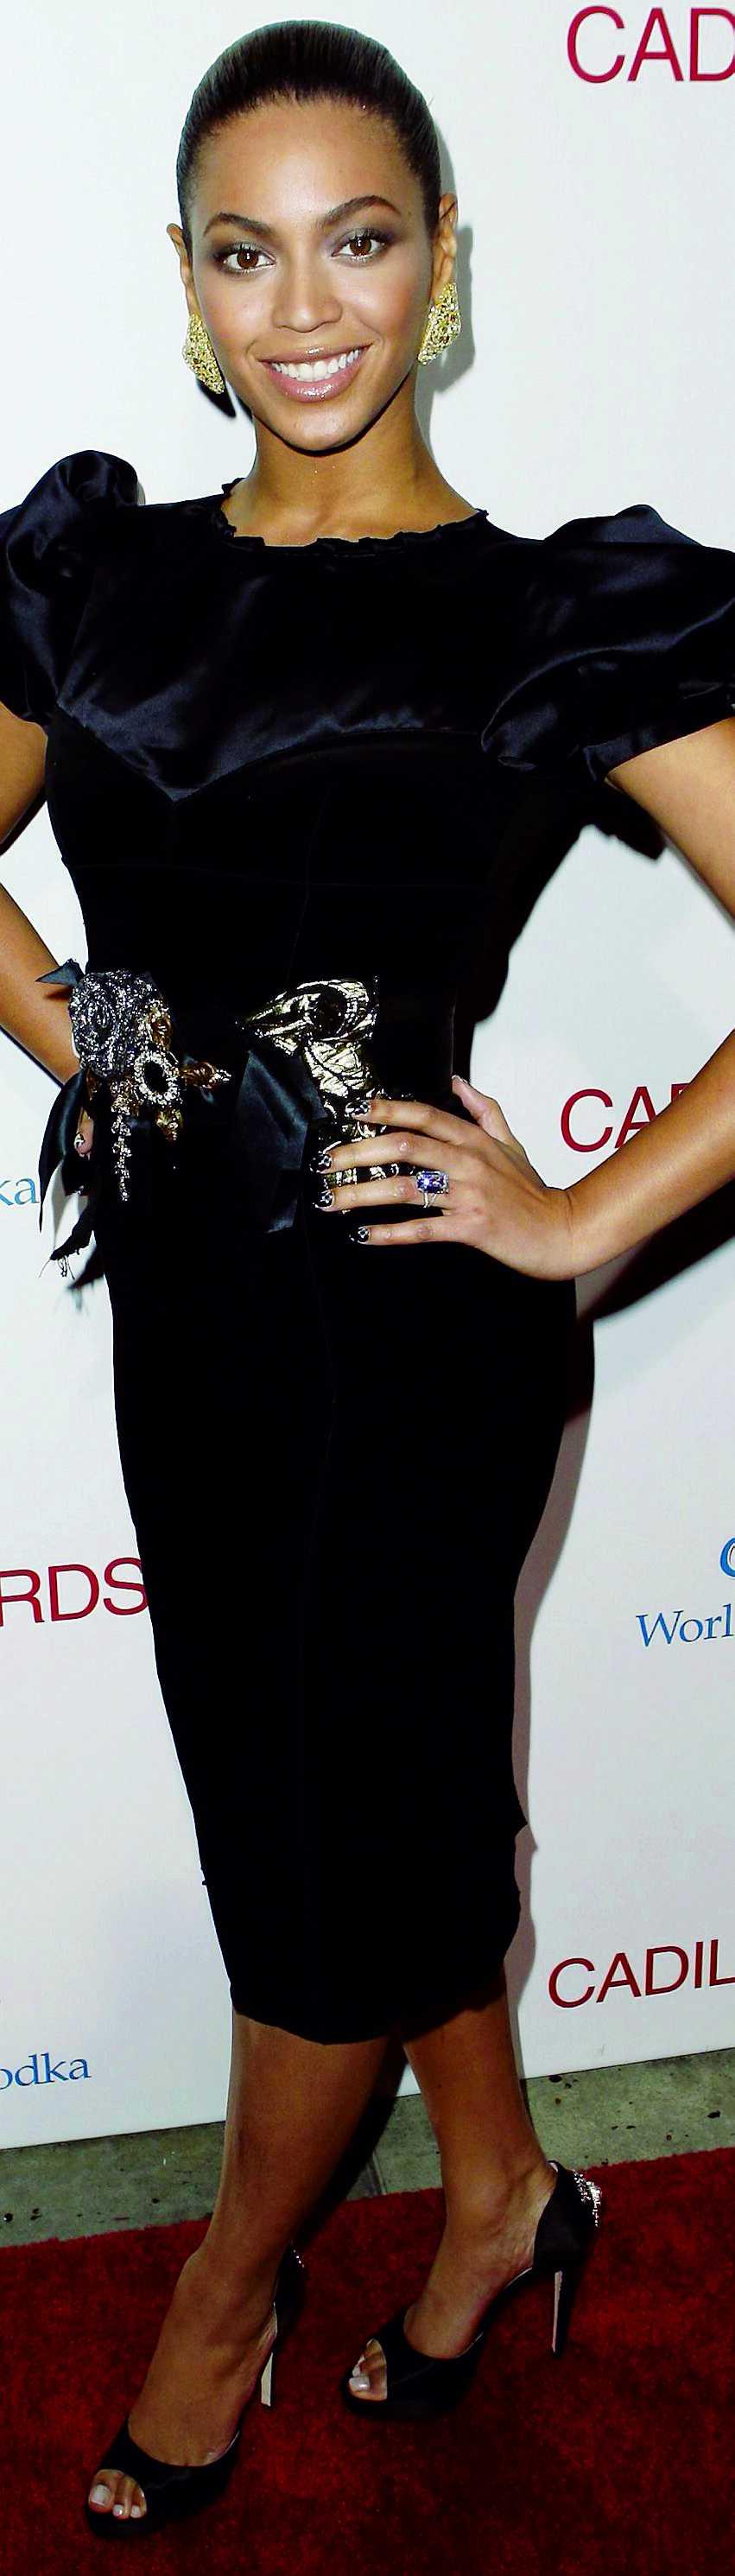 """Beyoncé skrudar sig i svart sammet från Dolce & Gabbana på premiären av """"Cadillac records""""."""